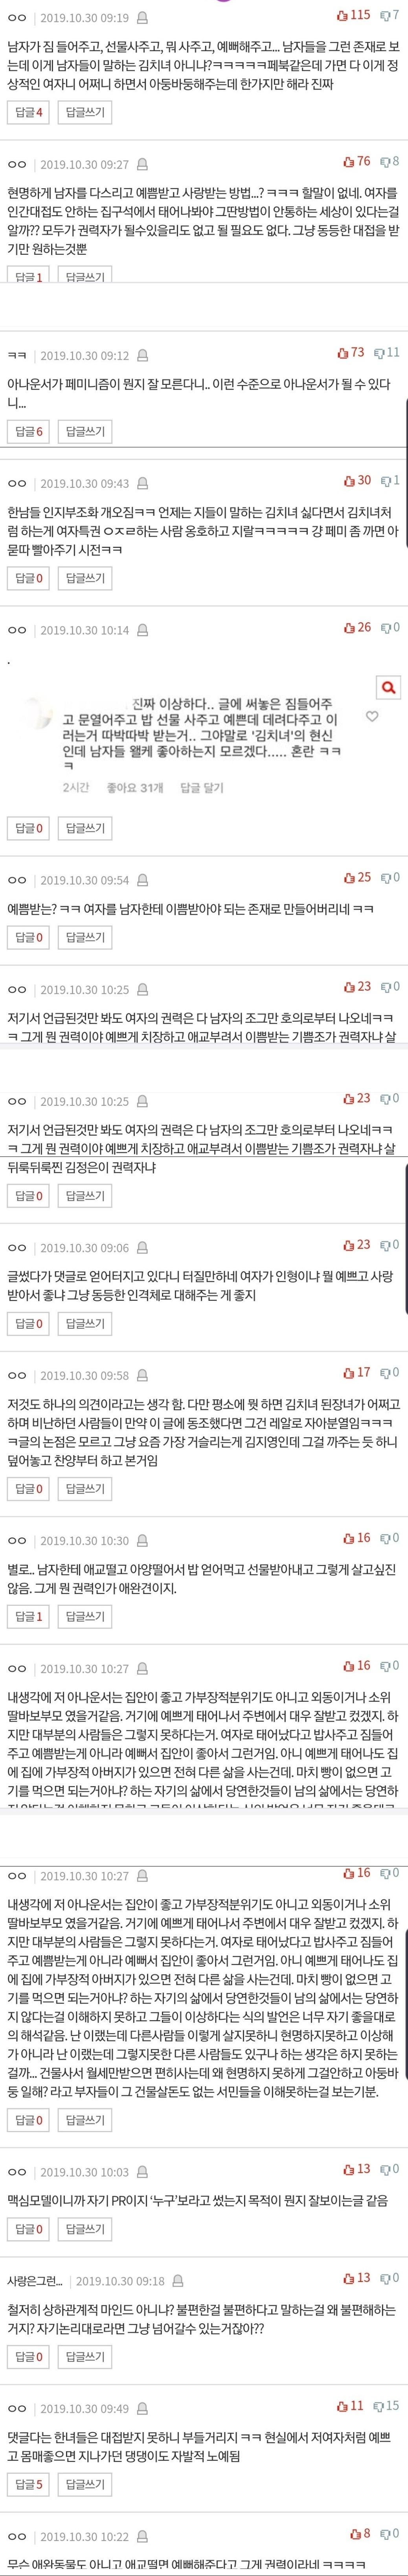 김나정 아나운서에 대한 판녀들의 예상된 반응